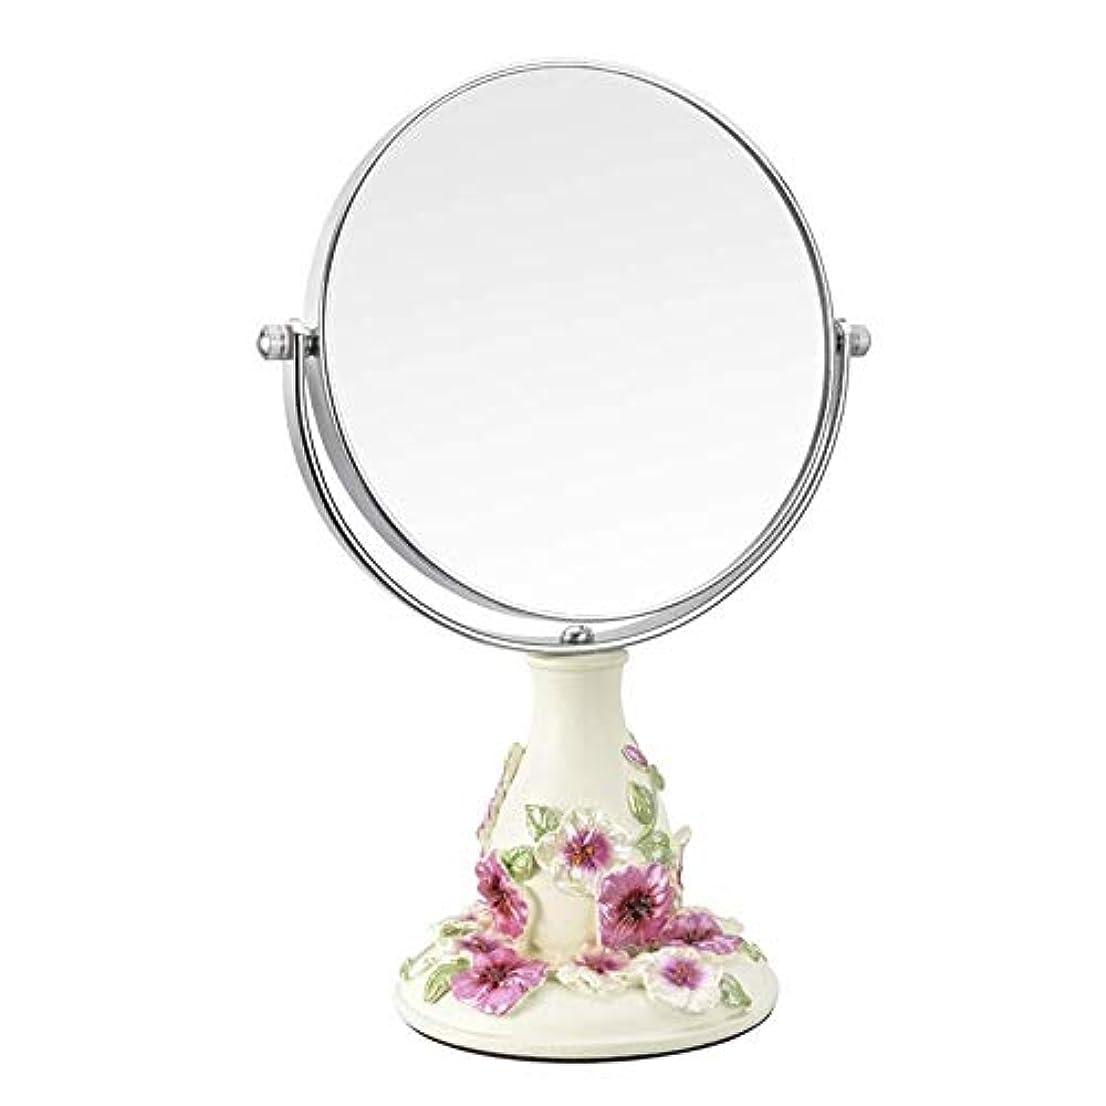 流行の ビンテージ化粧鏡、鏡360°回転スタンド、1倍と3倍の倍率、ラウンドダブル両面回転化粧鏡